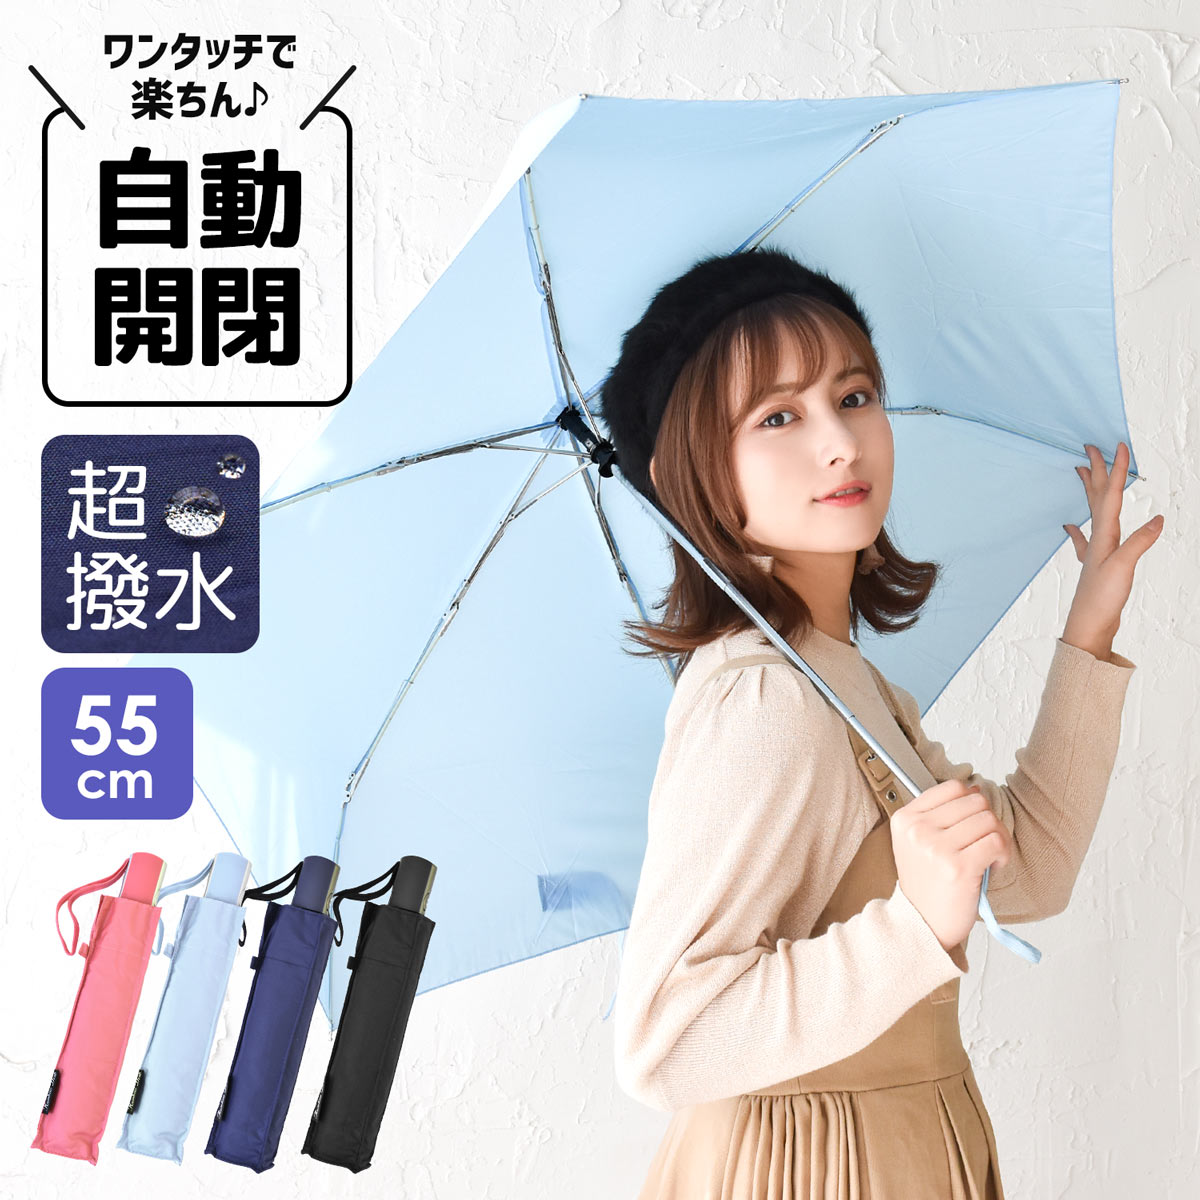 ボタンひとつで開く!閉じる!ワンタッチで楽ちん♪自動開閉折りたたみ傘。 折りたたみ 傘 自動開閉 6本 おしゃれ 女の子 ワンタッチ 55cm 折り畳み かさ ジュニア レディース メンズ 軽量